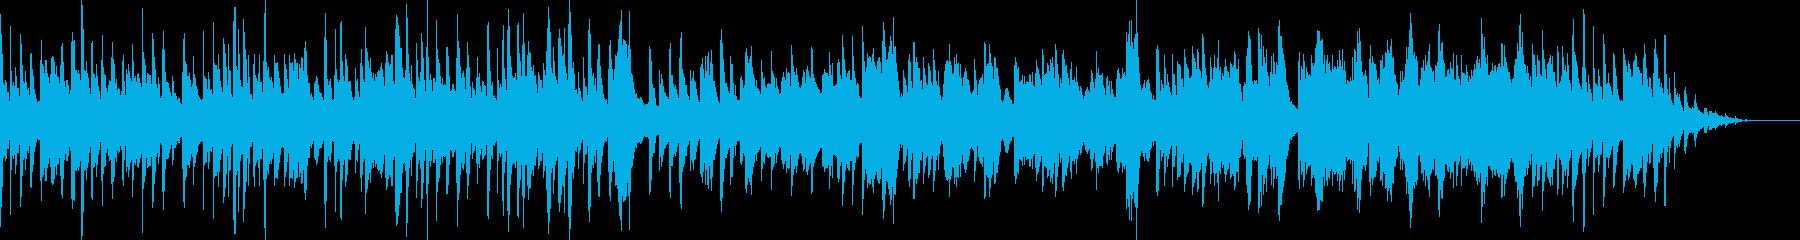 回想シーンをイメージしたエモーショナル曲の再生済みの波形